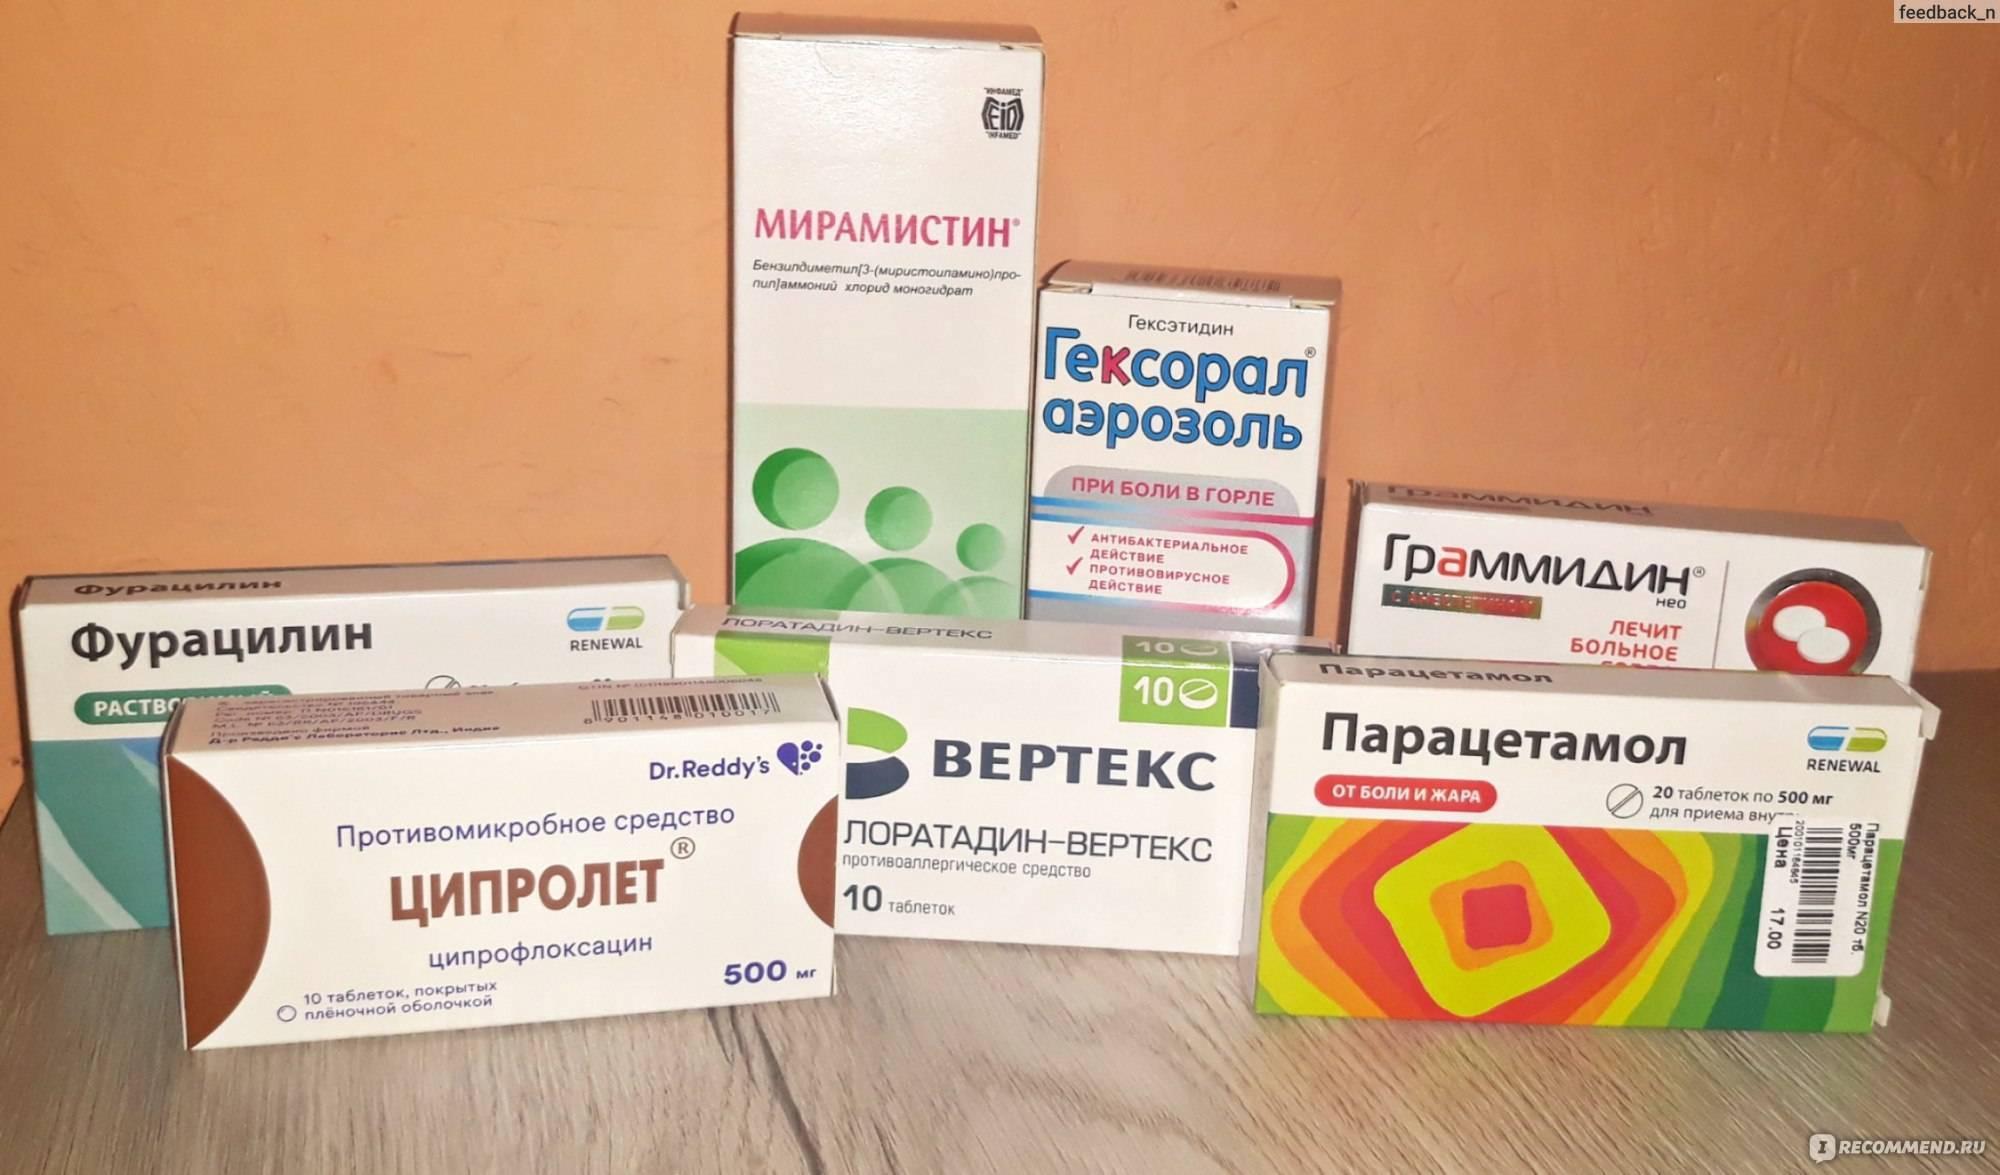 Антибиотики при ангине для детей - список детских ребенку 2 лет: какие лучше, названия суспензий, какие принимать